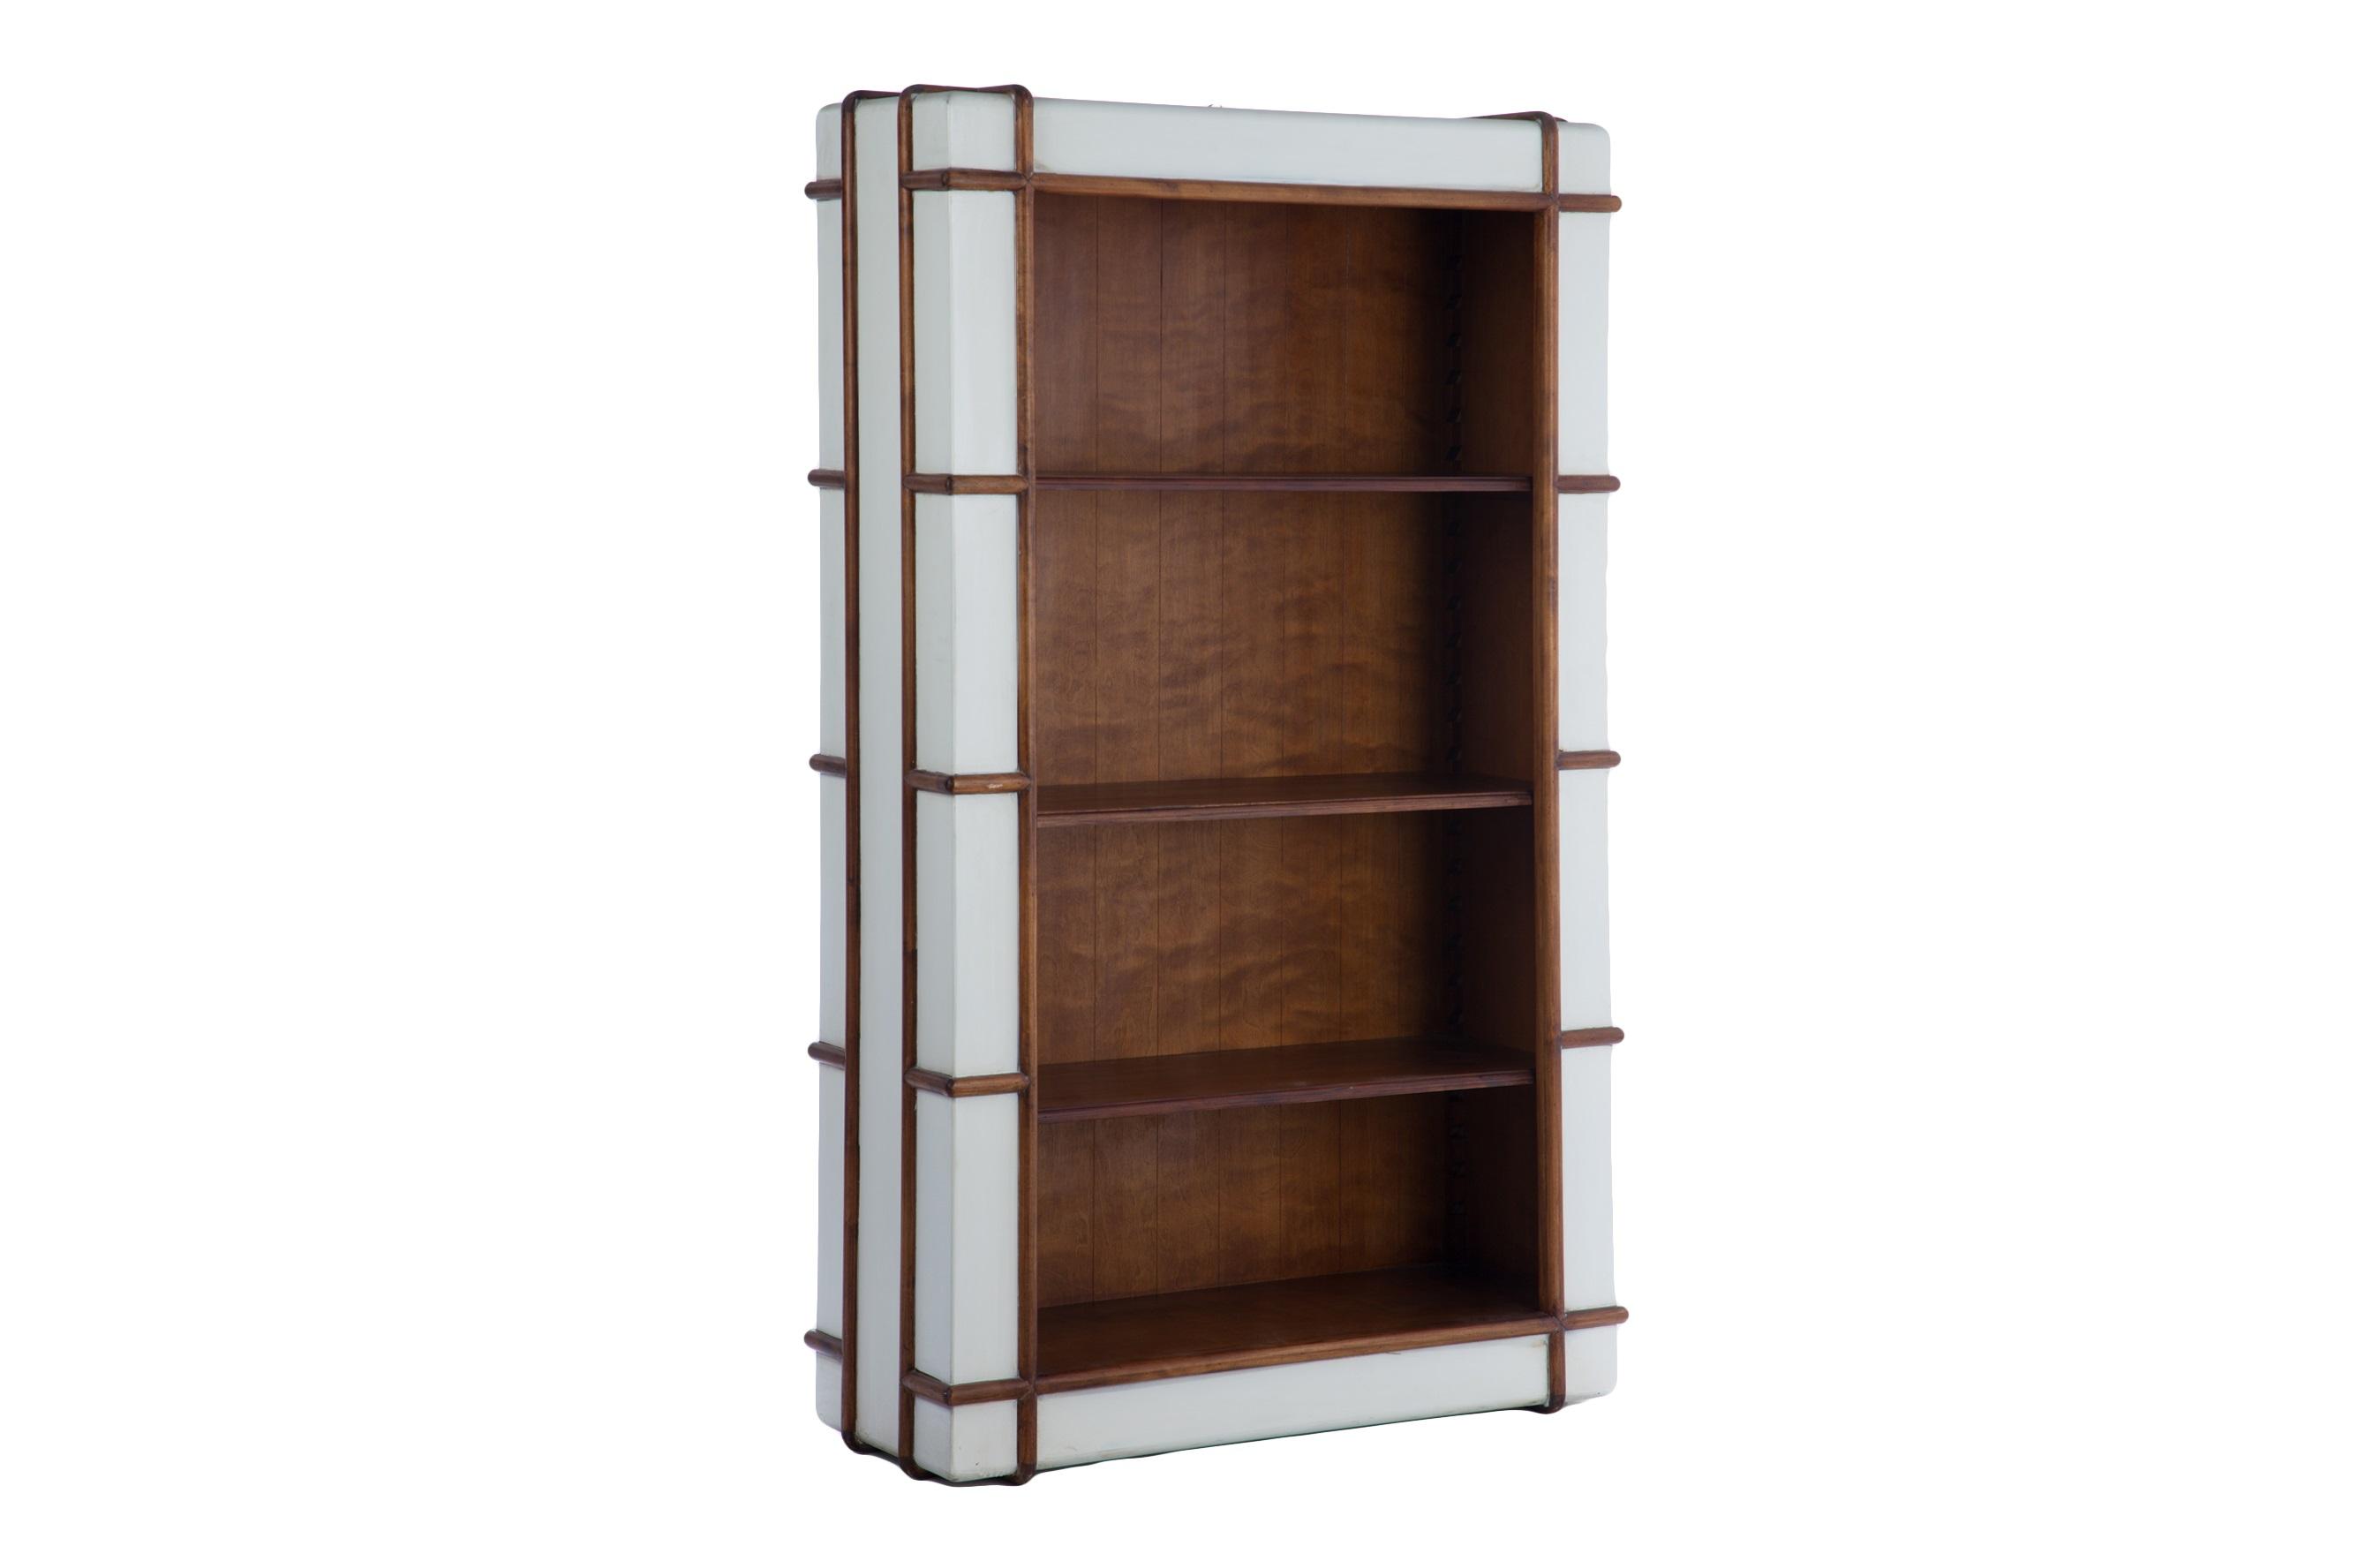 Книжный шкафСтеллажи и этажерки<br>Книжный шкаф из массива березы ручной работы с оригинальной отделкой.<br><br>Material: Береза<br>Ширина см: 112<br>Высота см: 183<br>Глубина см: 42